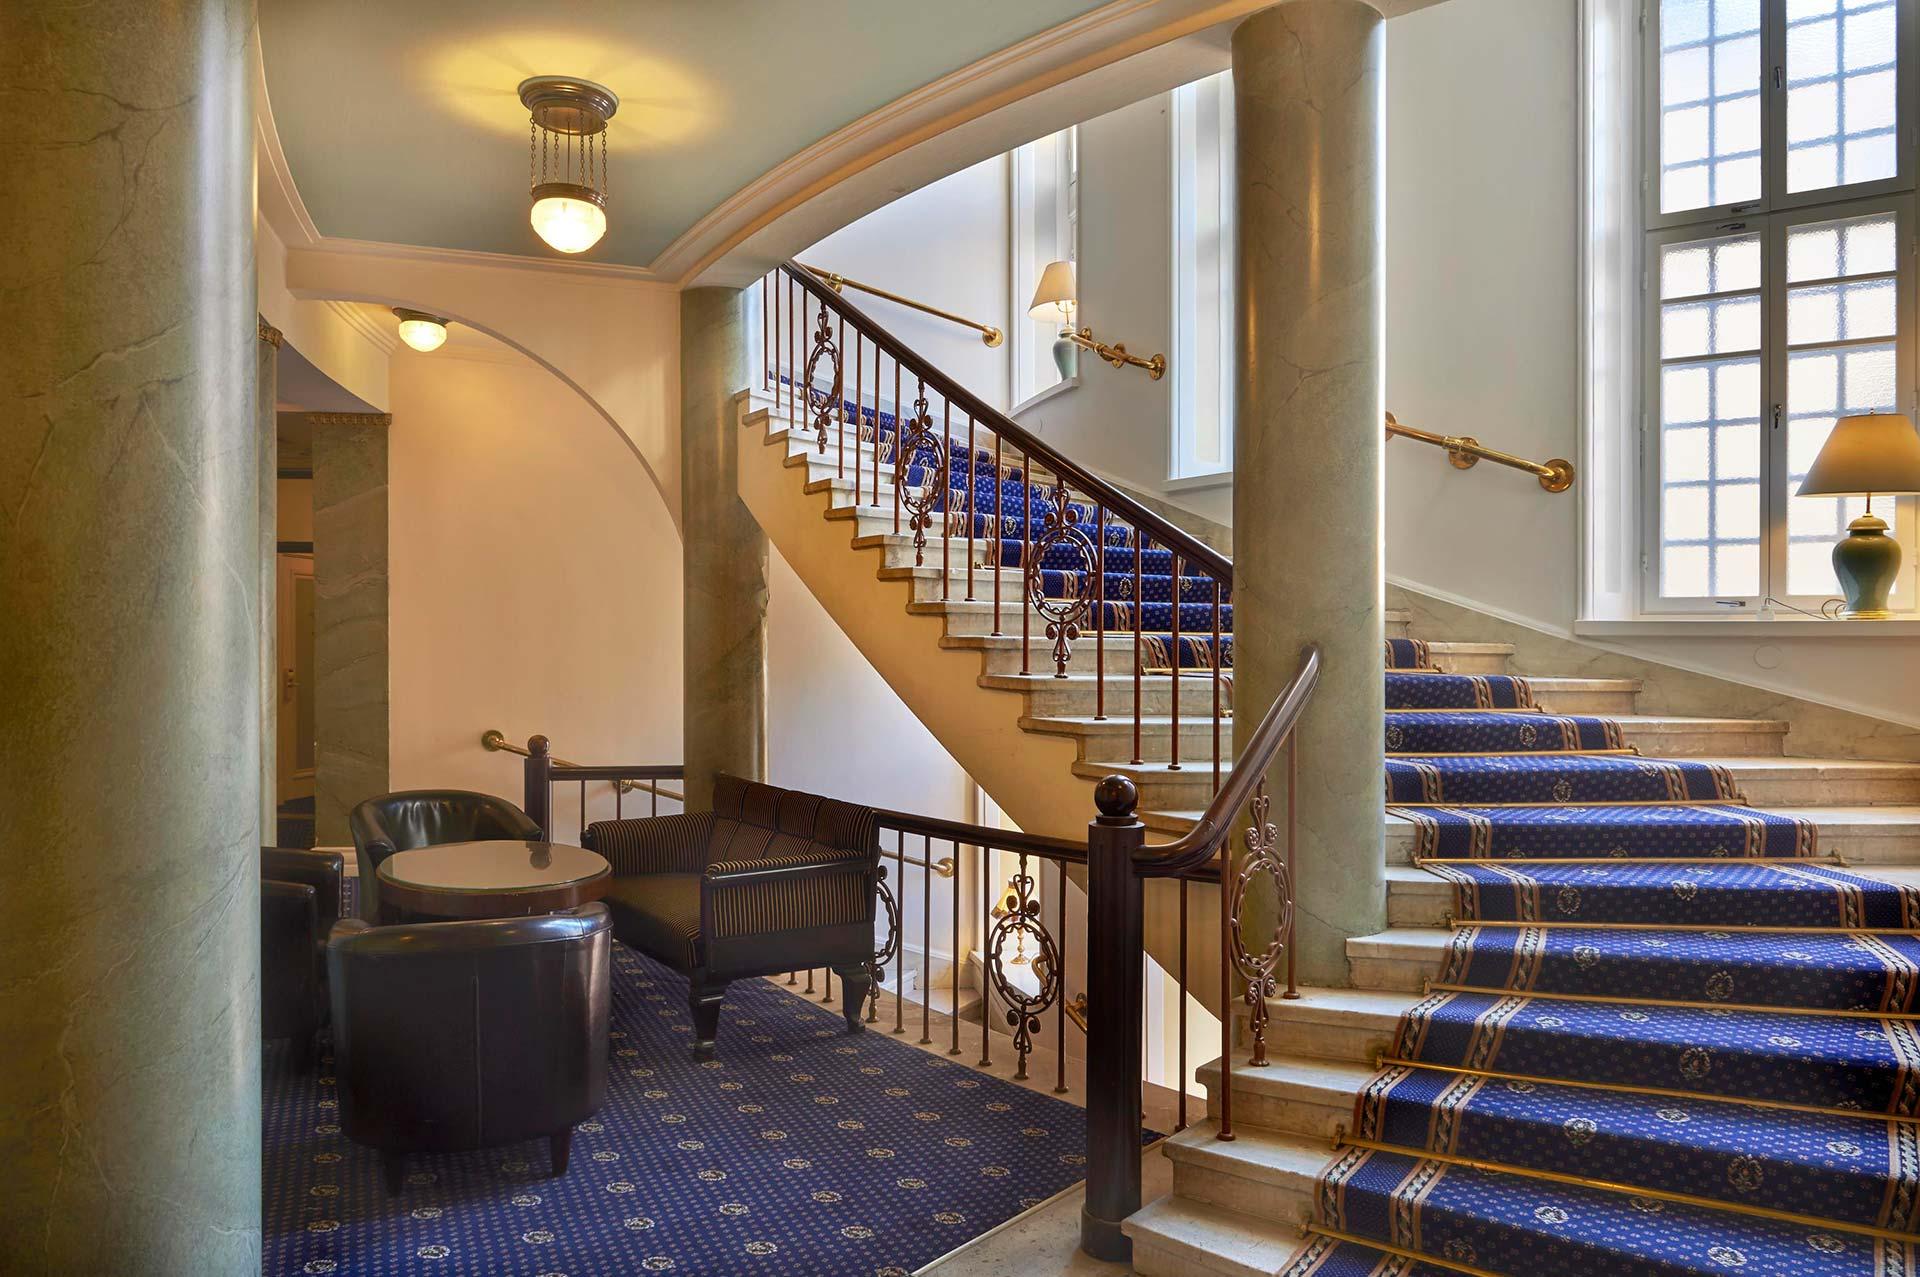 Hotelli Seurahuone stairs